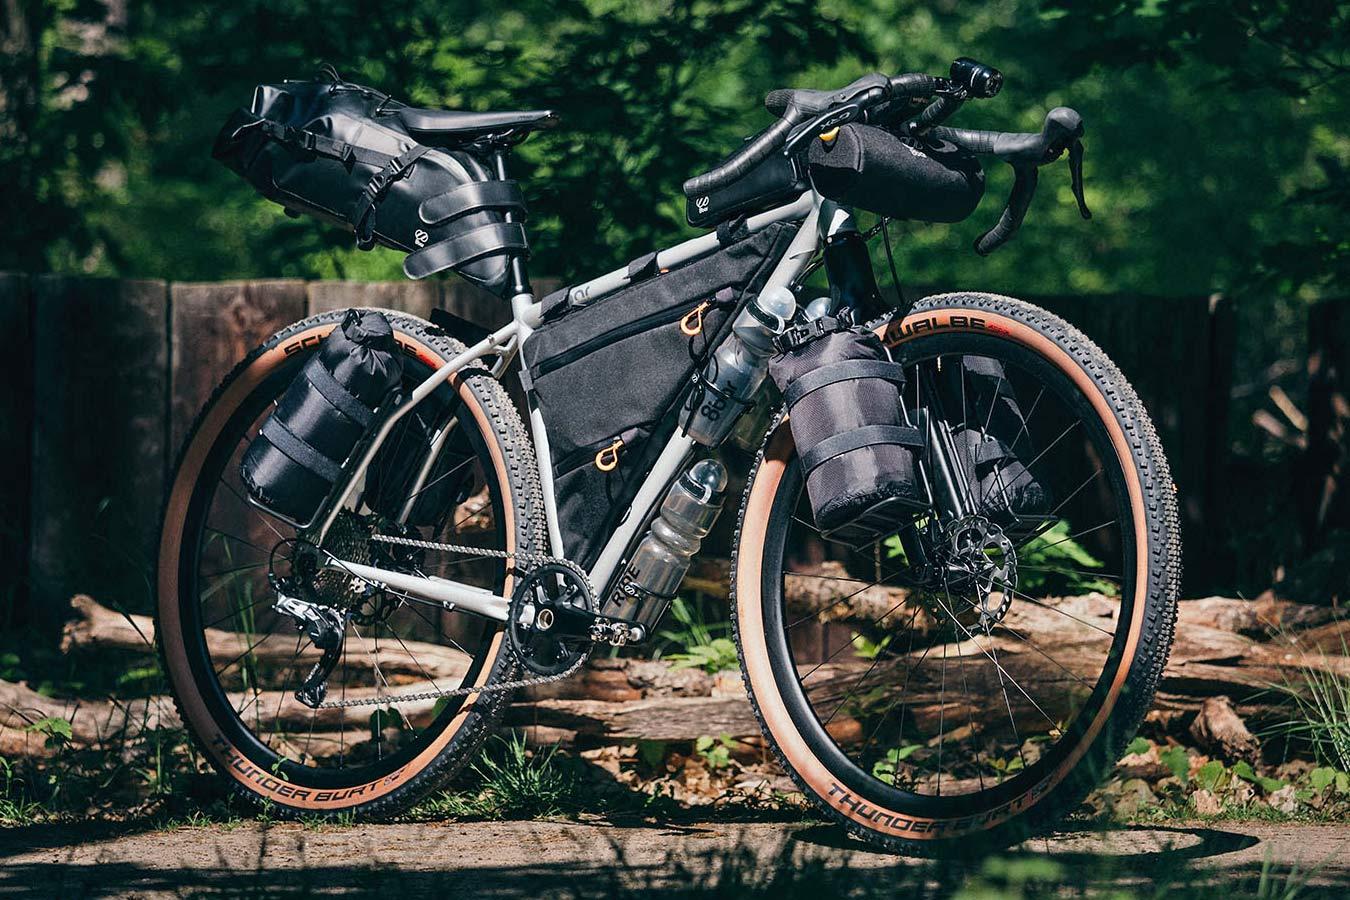 8bar Tflsberg steel off-road adventure bikepacking mountain bike, photo by Stefan Haehnel,loaded